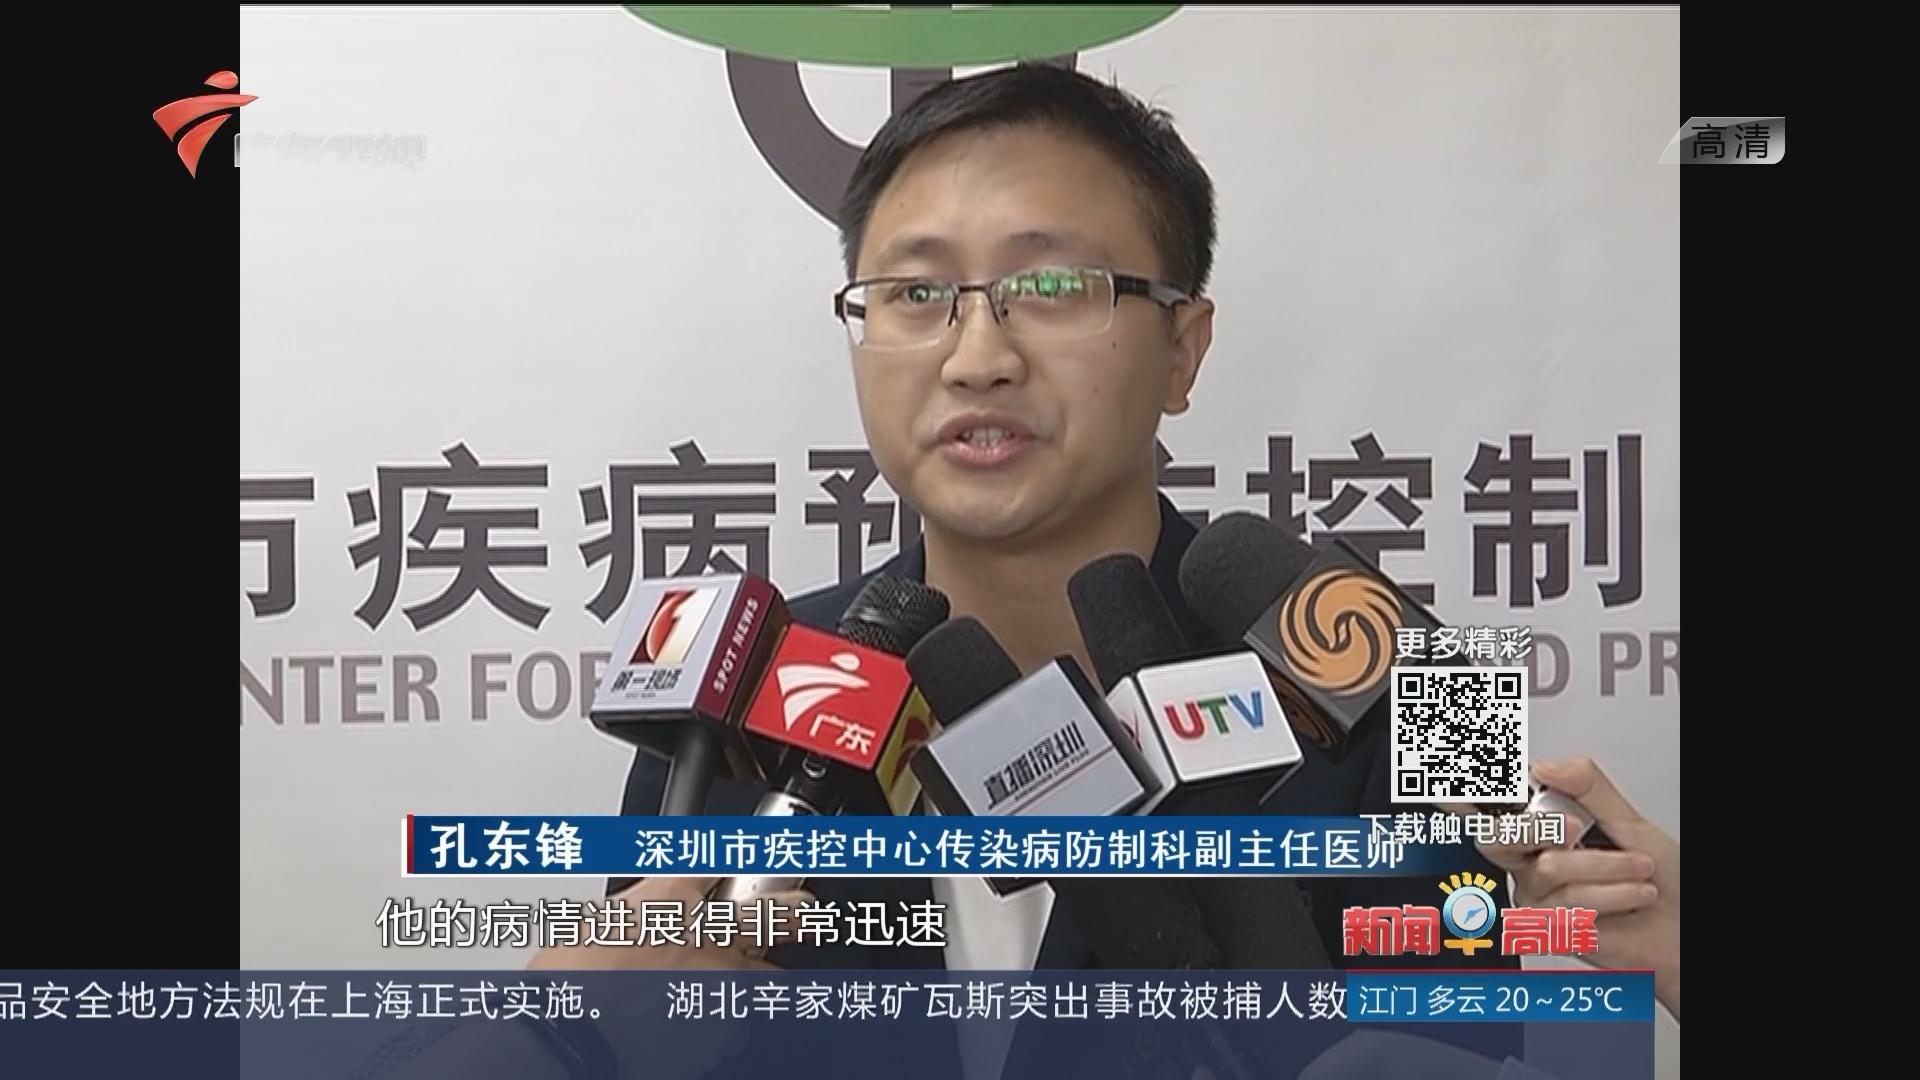 深圳报告1例H7N9死亡病例 患者生前曾接触病死禽